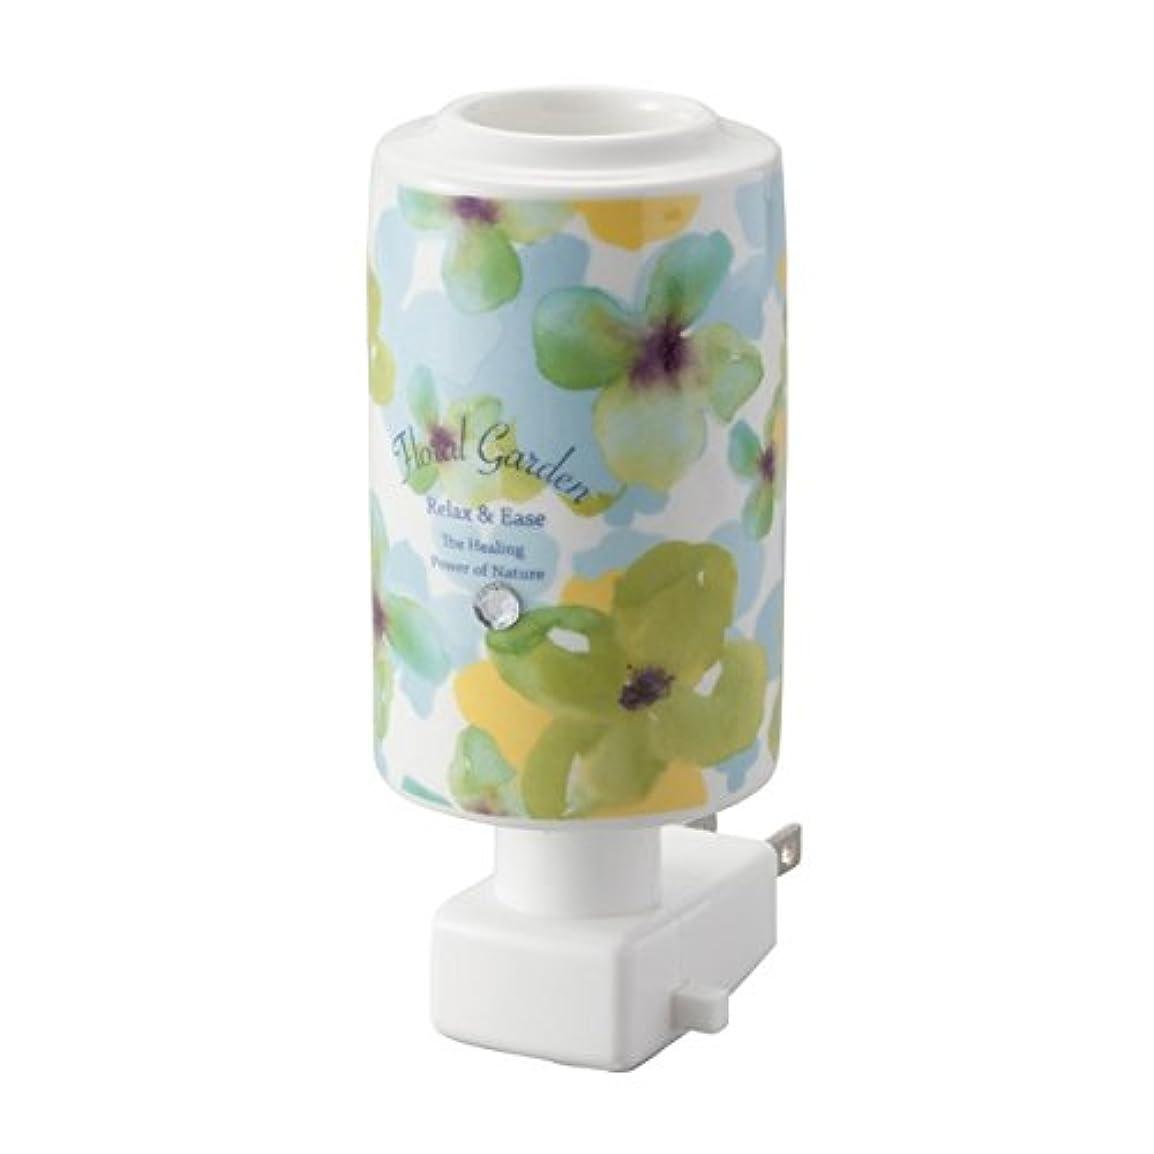 はちみつ乳製品刺激するアロマグッズ セラミックアロマライトコンセント型【5個セット】フローラルグリーン